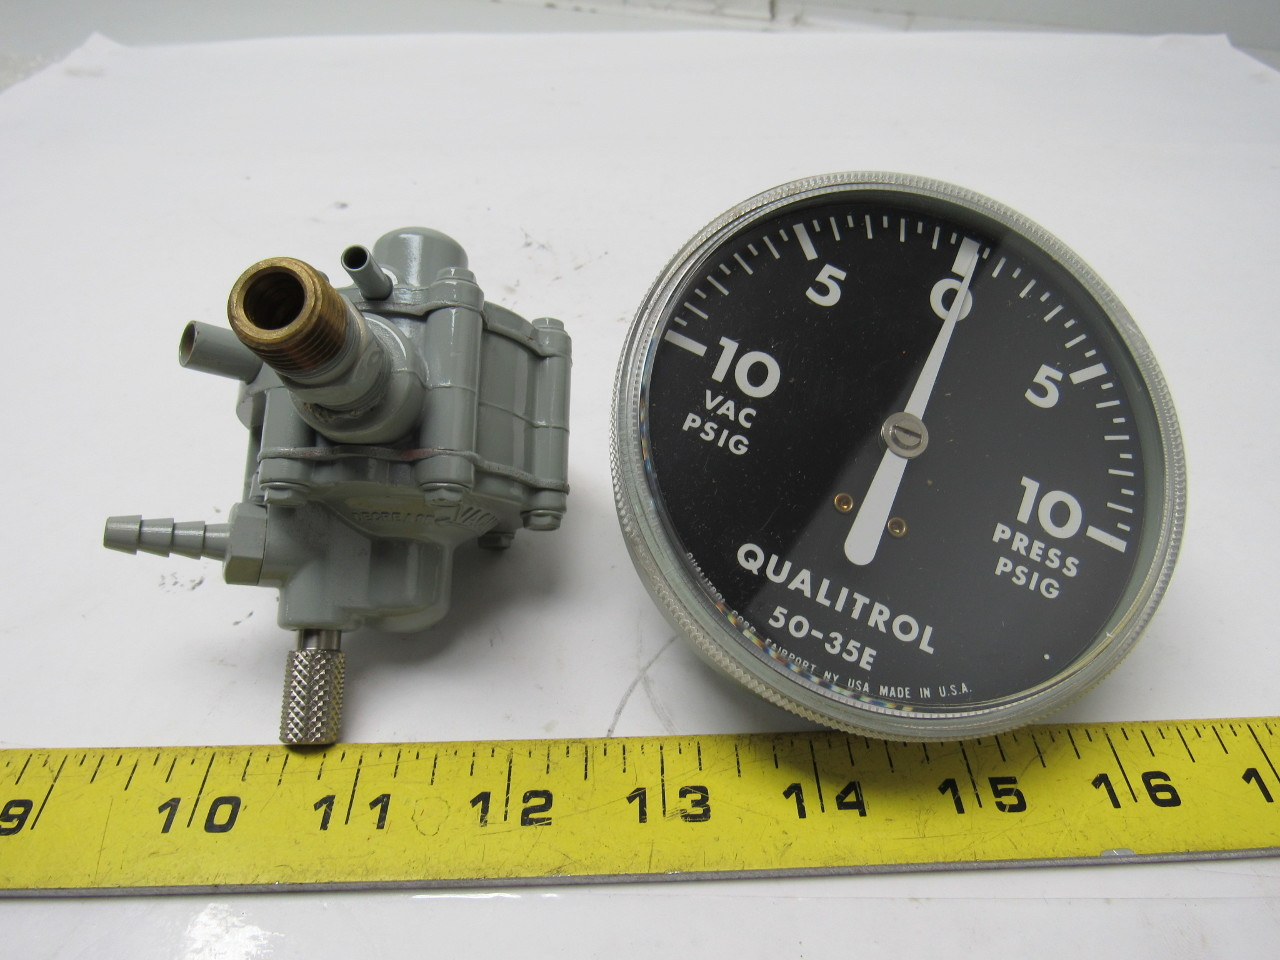 Qualitrol Liquid Level Gauge Wiring Diagram Wiring Diagram